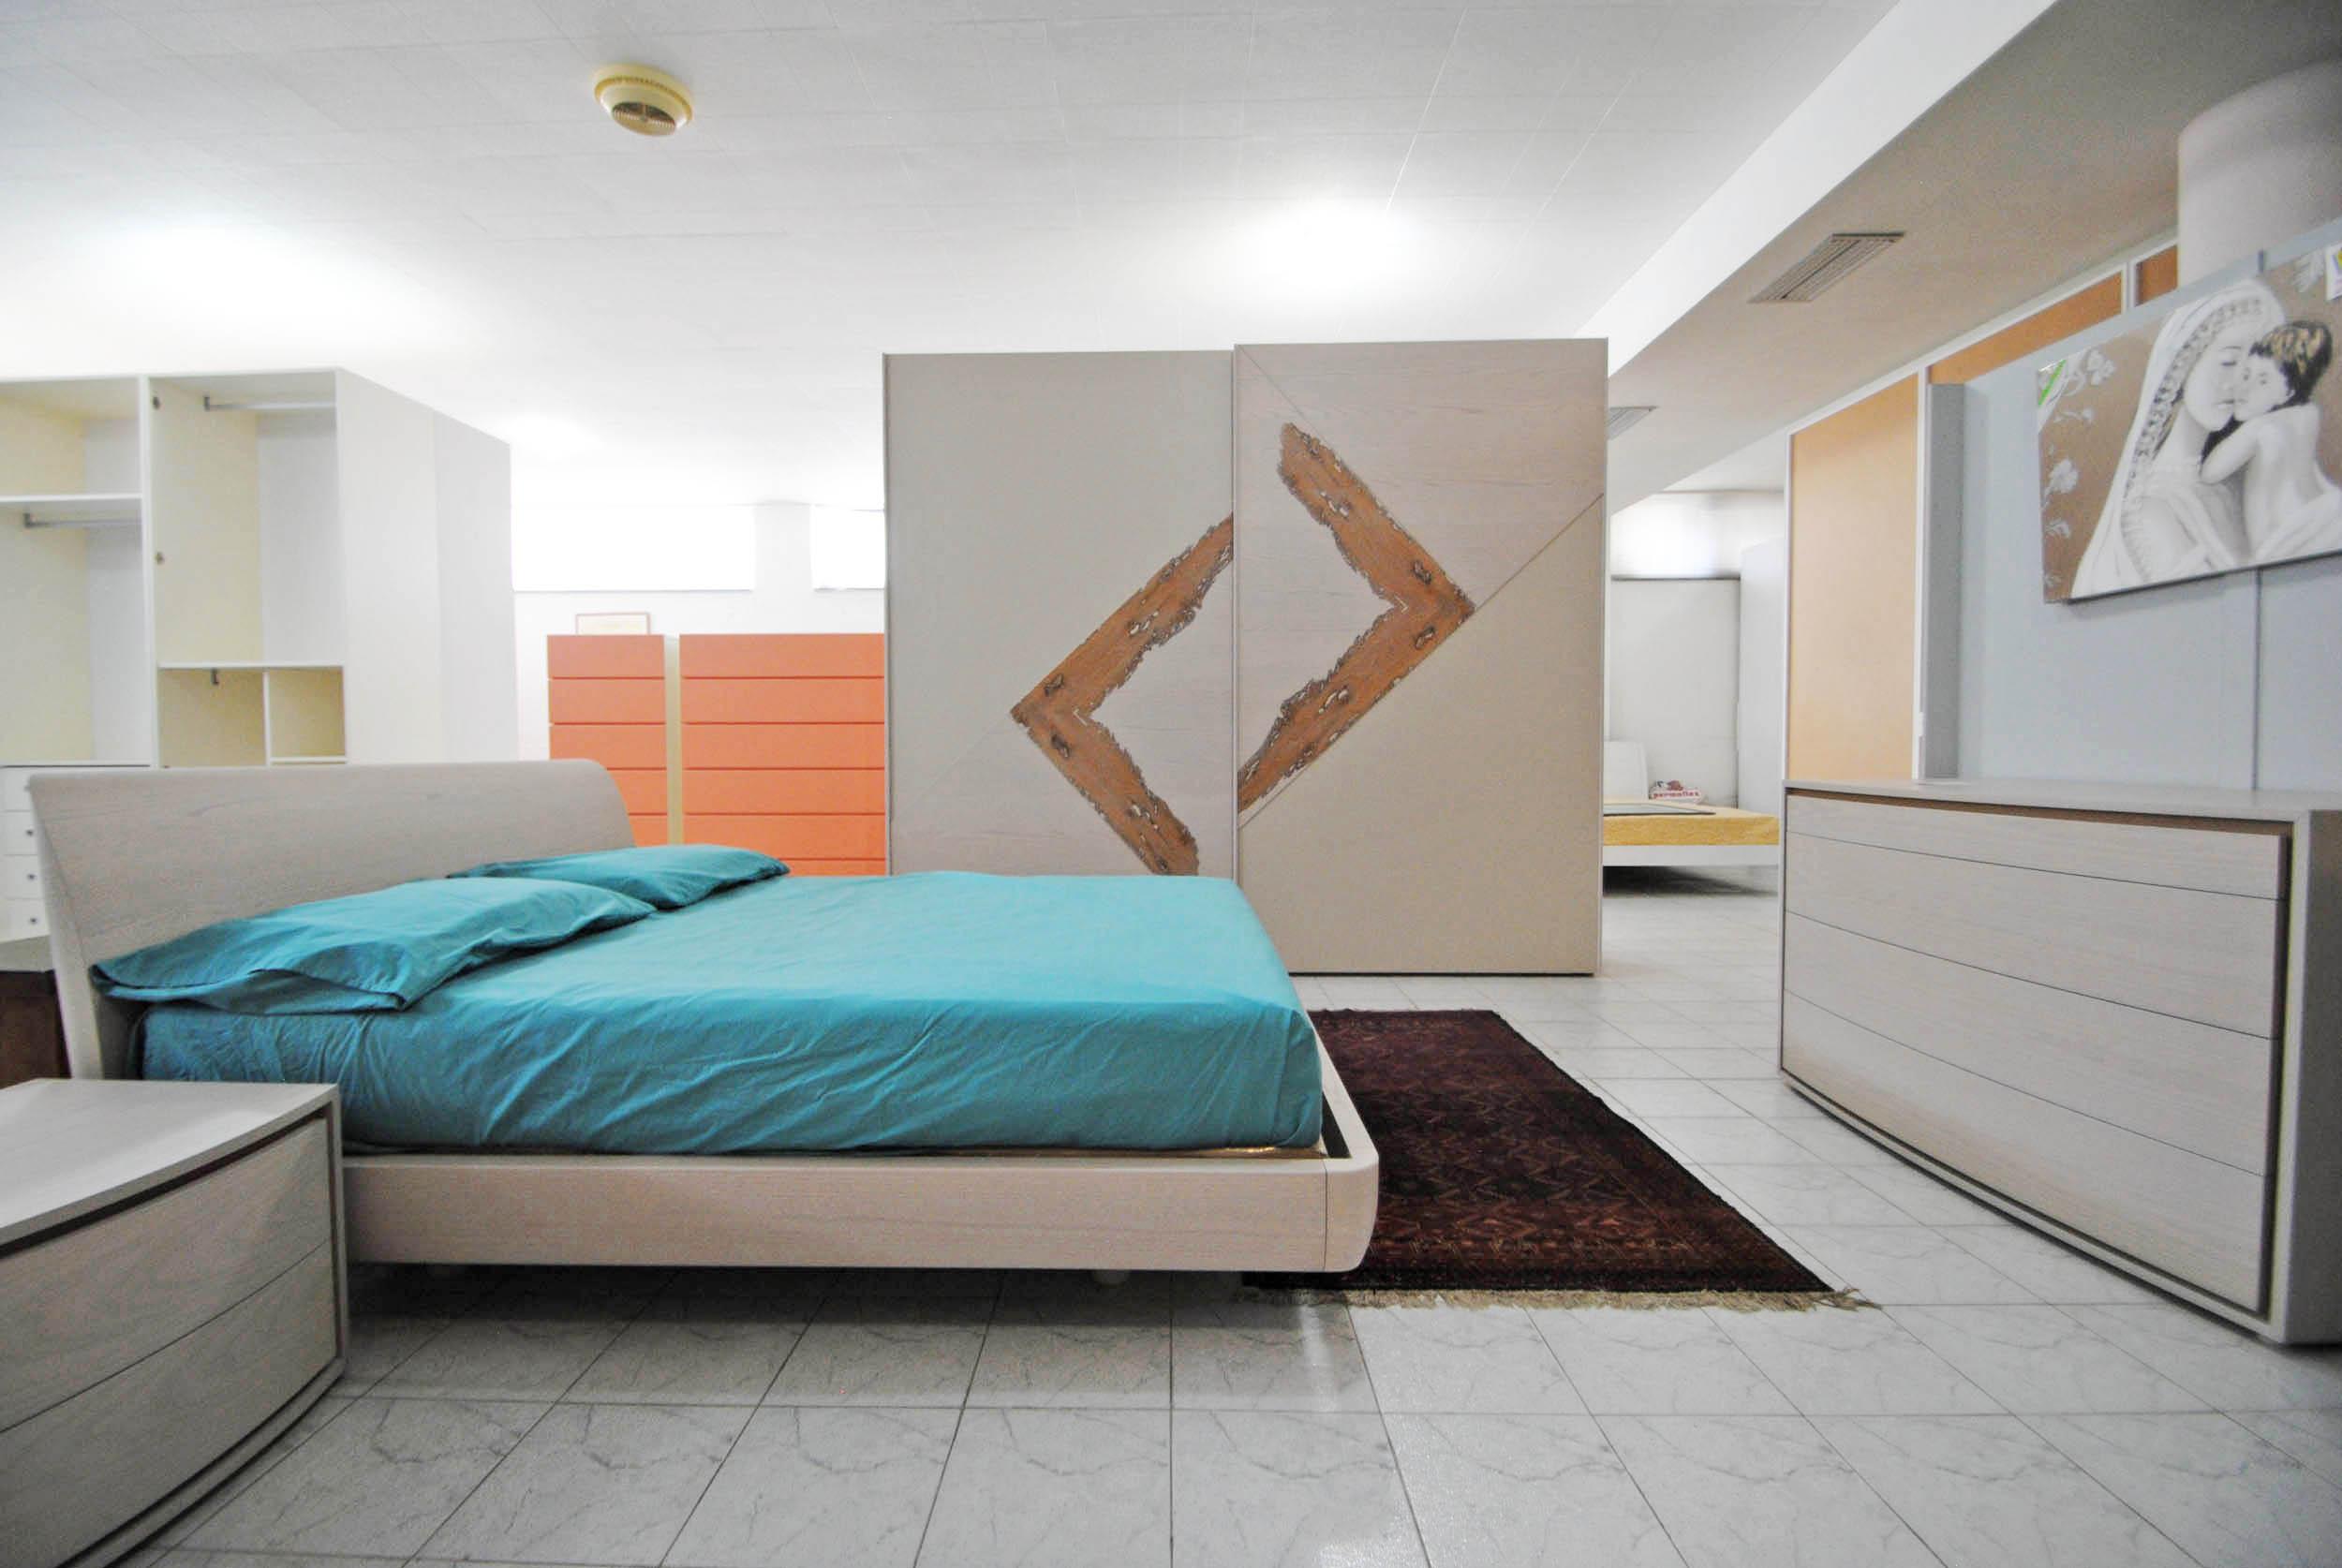 Vendita Camere da letto Mobili Patriarca Tortoreto Arredamento ...